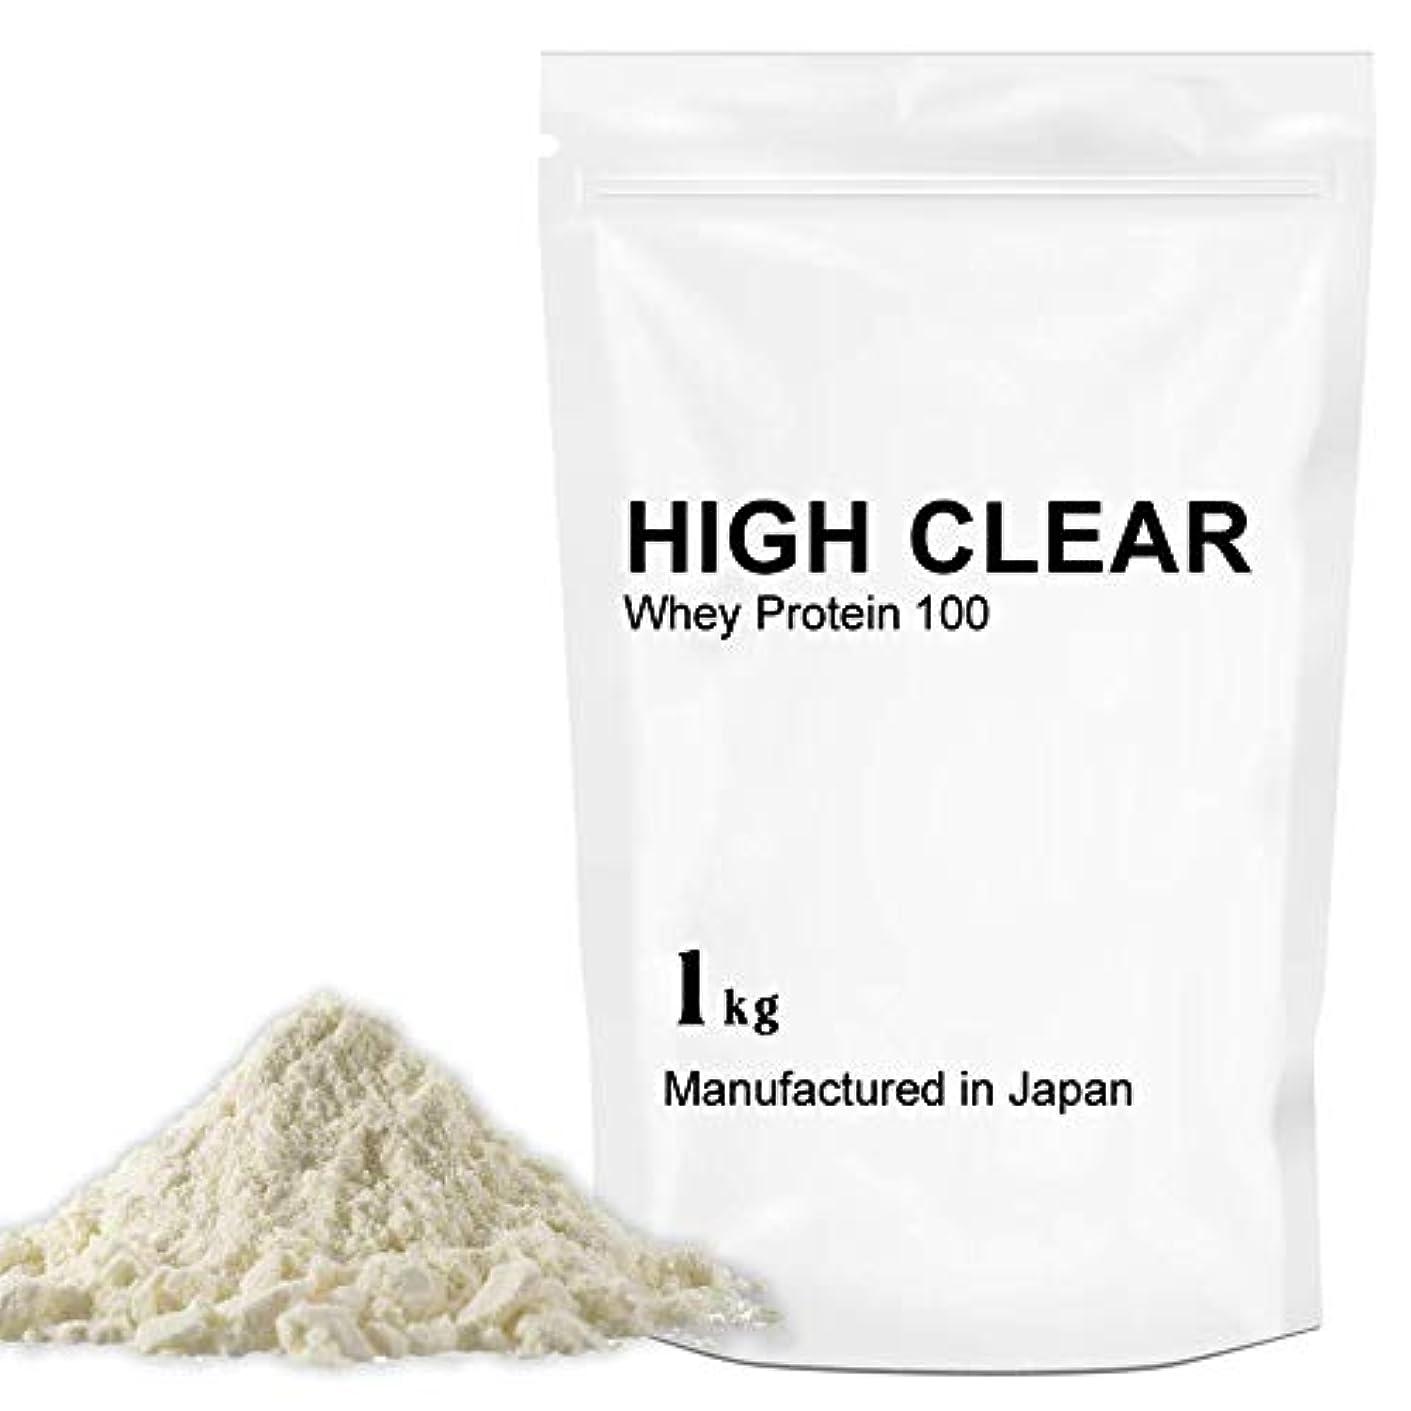 ゾーン統治可能攻撃【100%無添加】WPCホエイプロテイン100 1kg(40食分)ナチュラル HIGH CLEAR(ハイクリアー